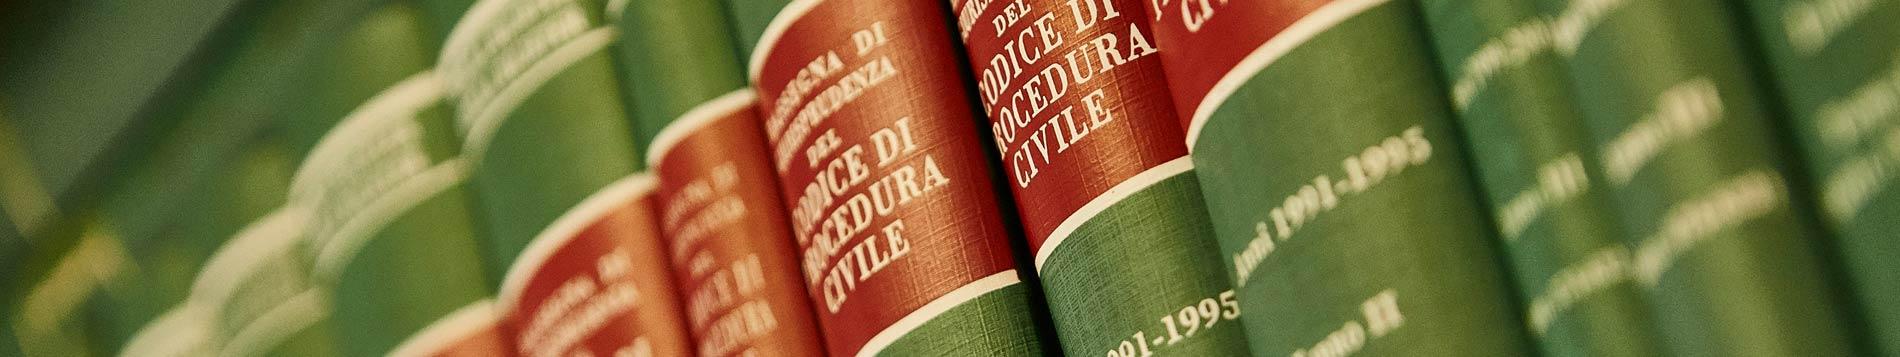 consulenza studio diritto civile torino